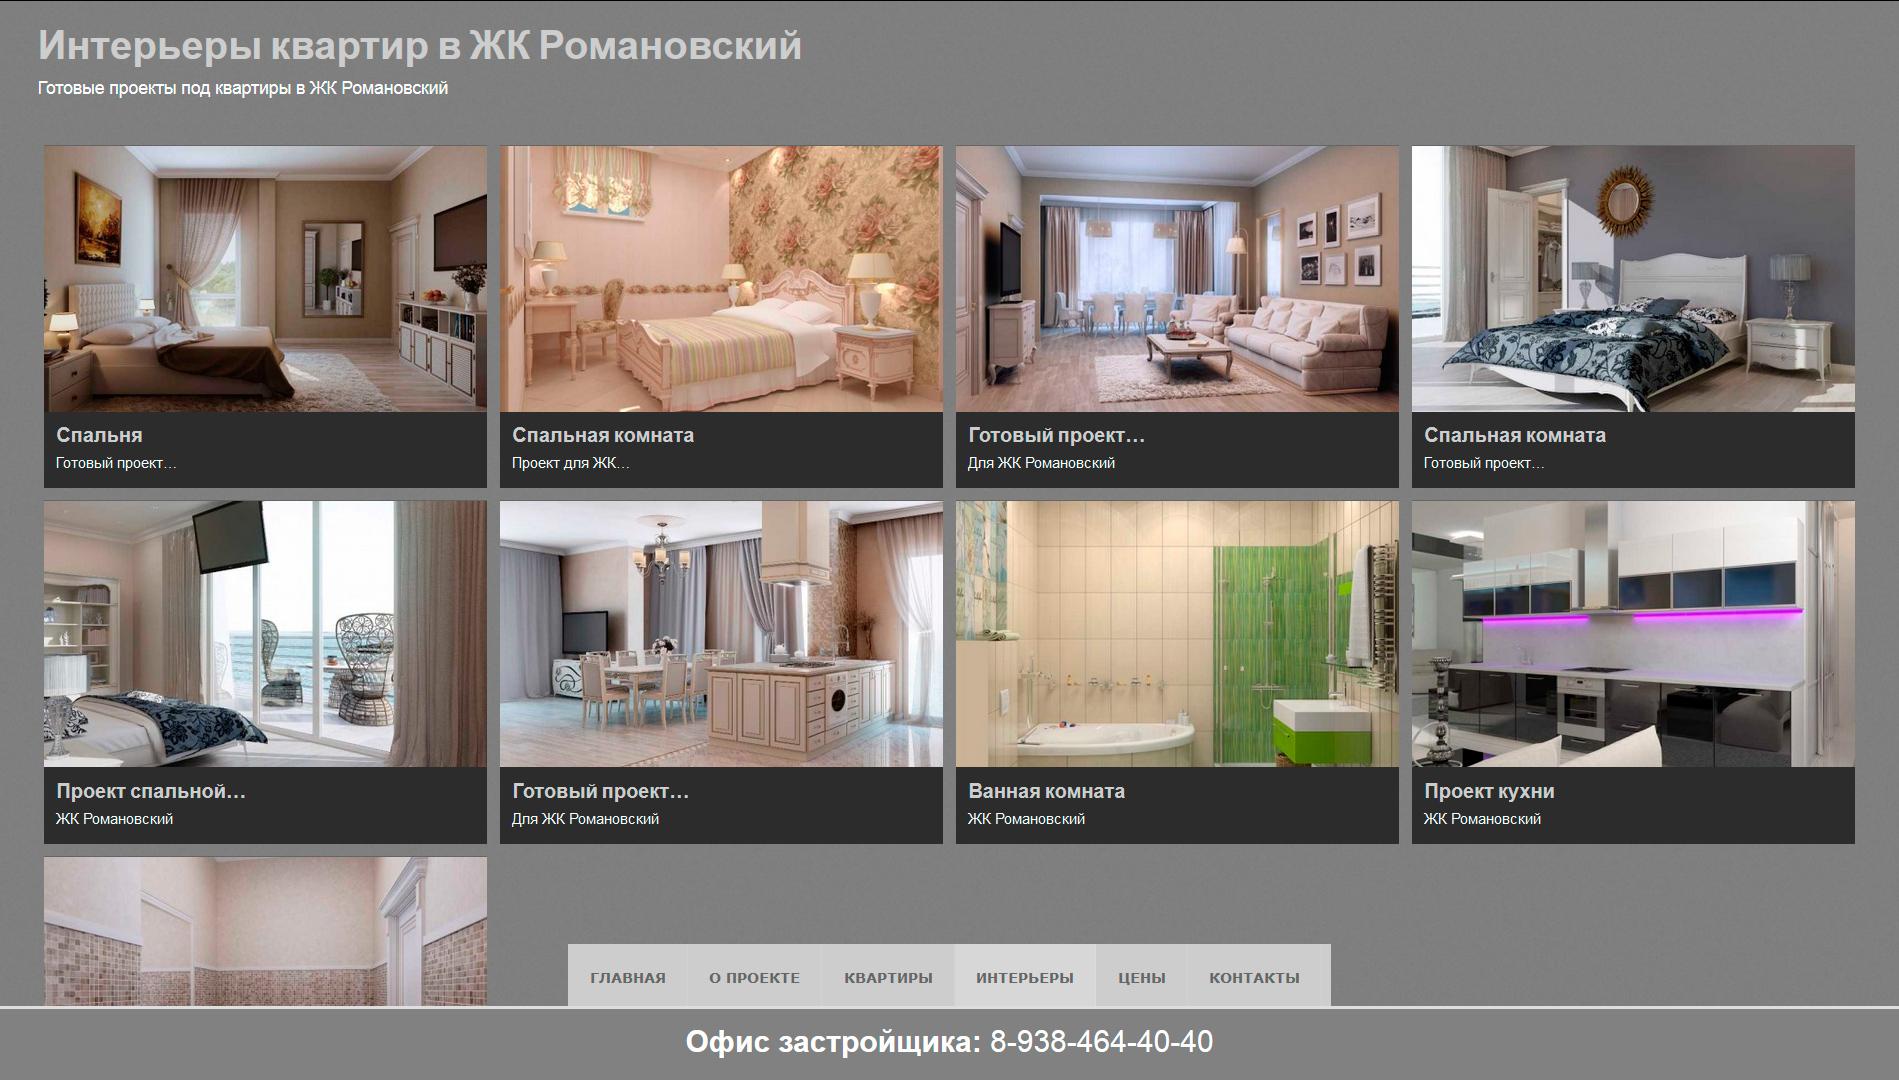 Демонстрация дизайна квартир